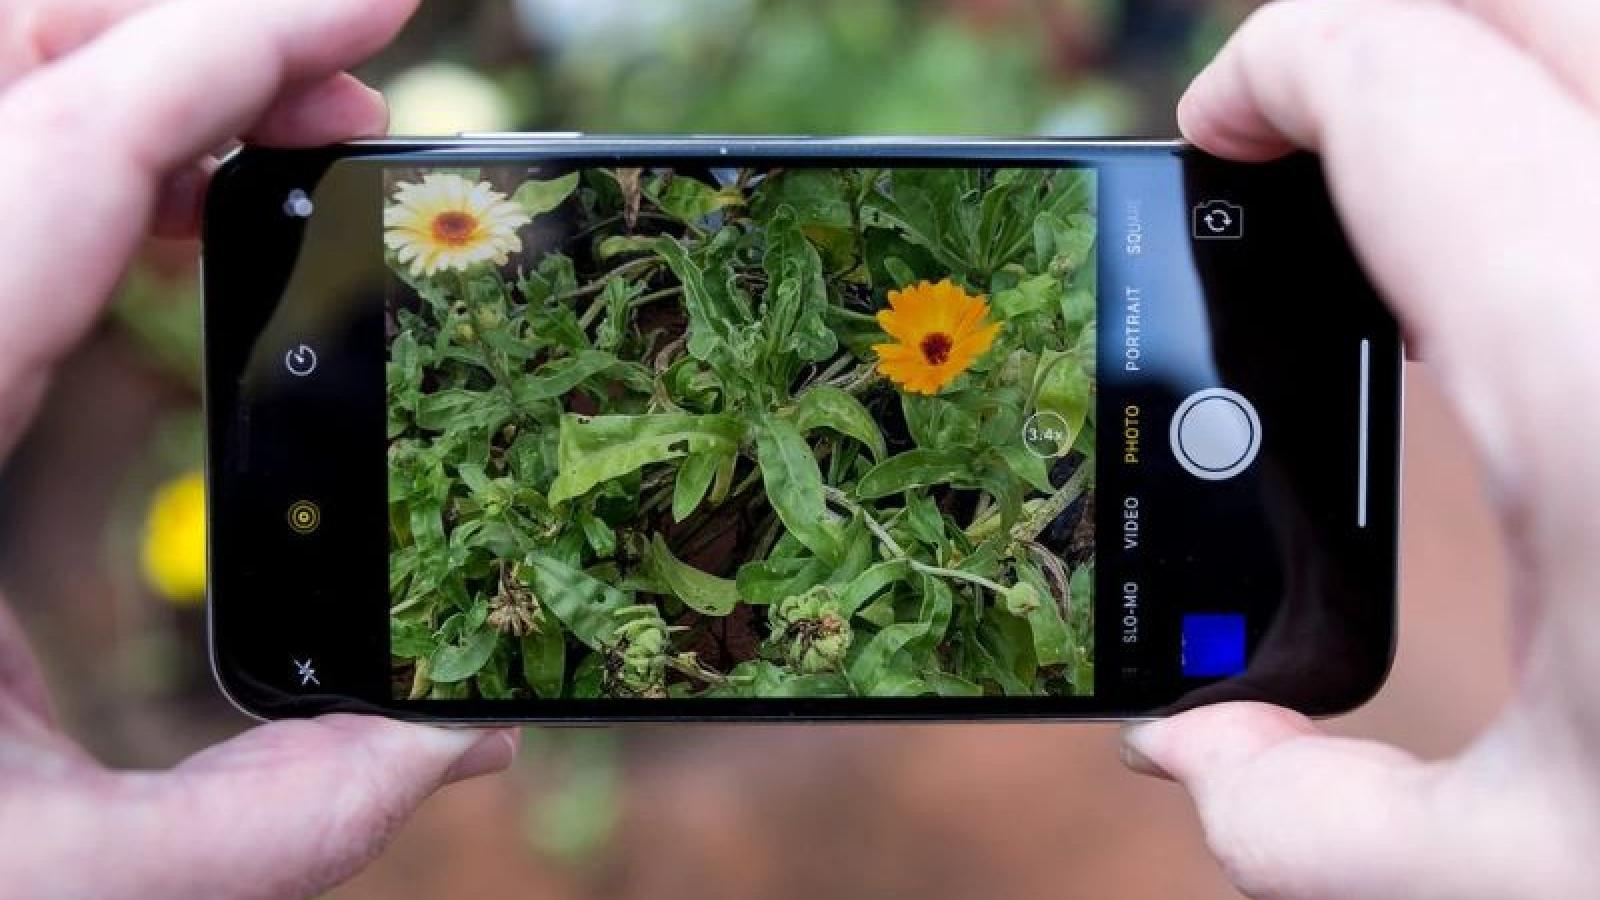 Những kỹ thuật giúp chụp ảnh đẹp hơn bằng smartphone